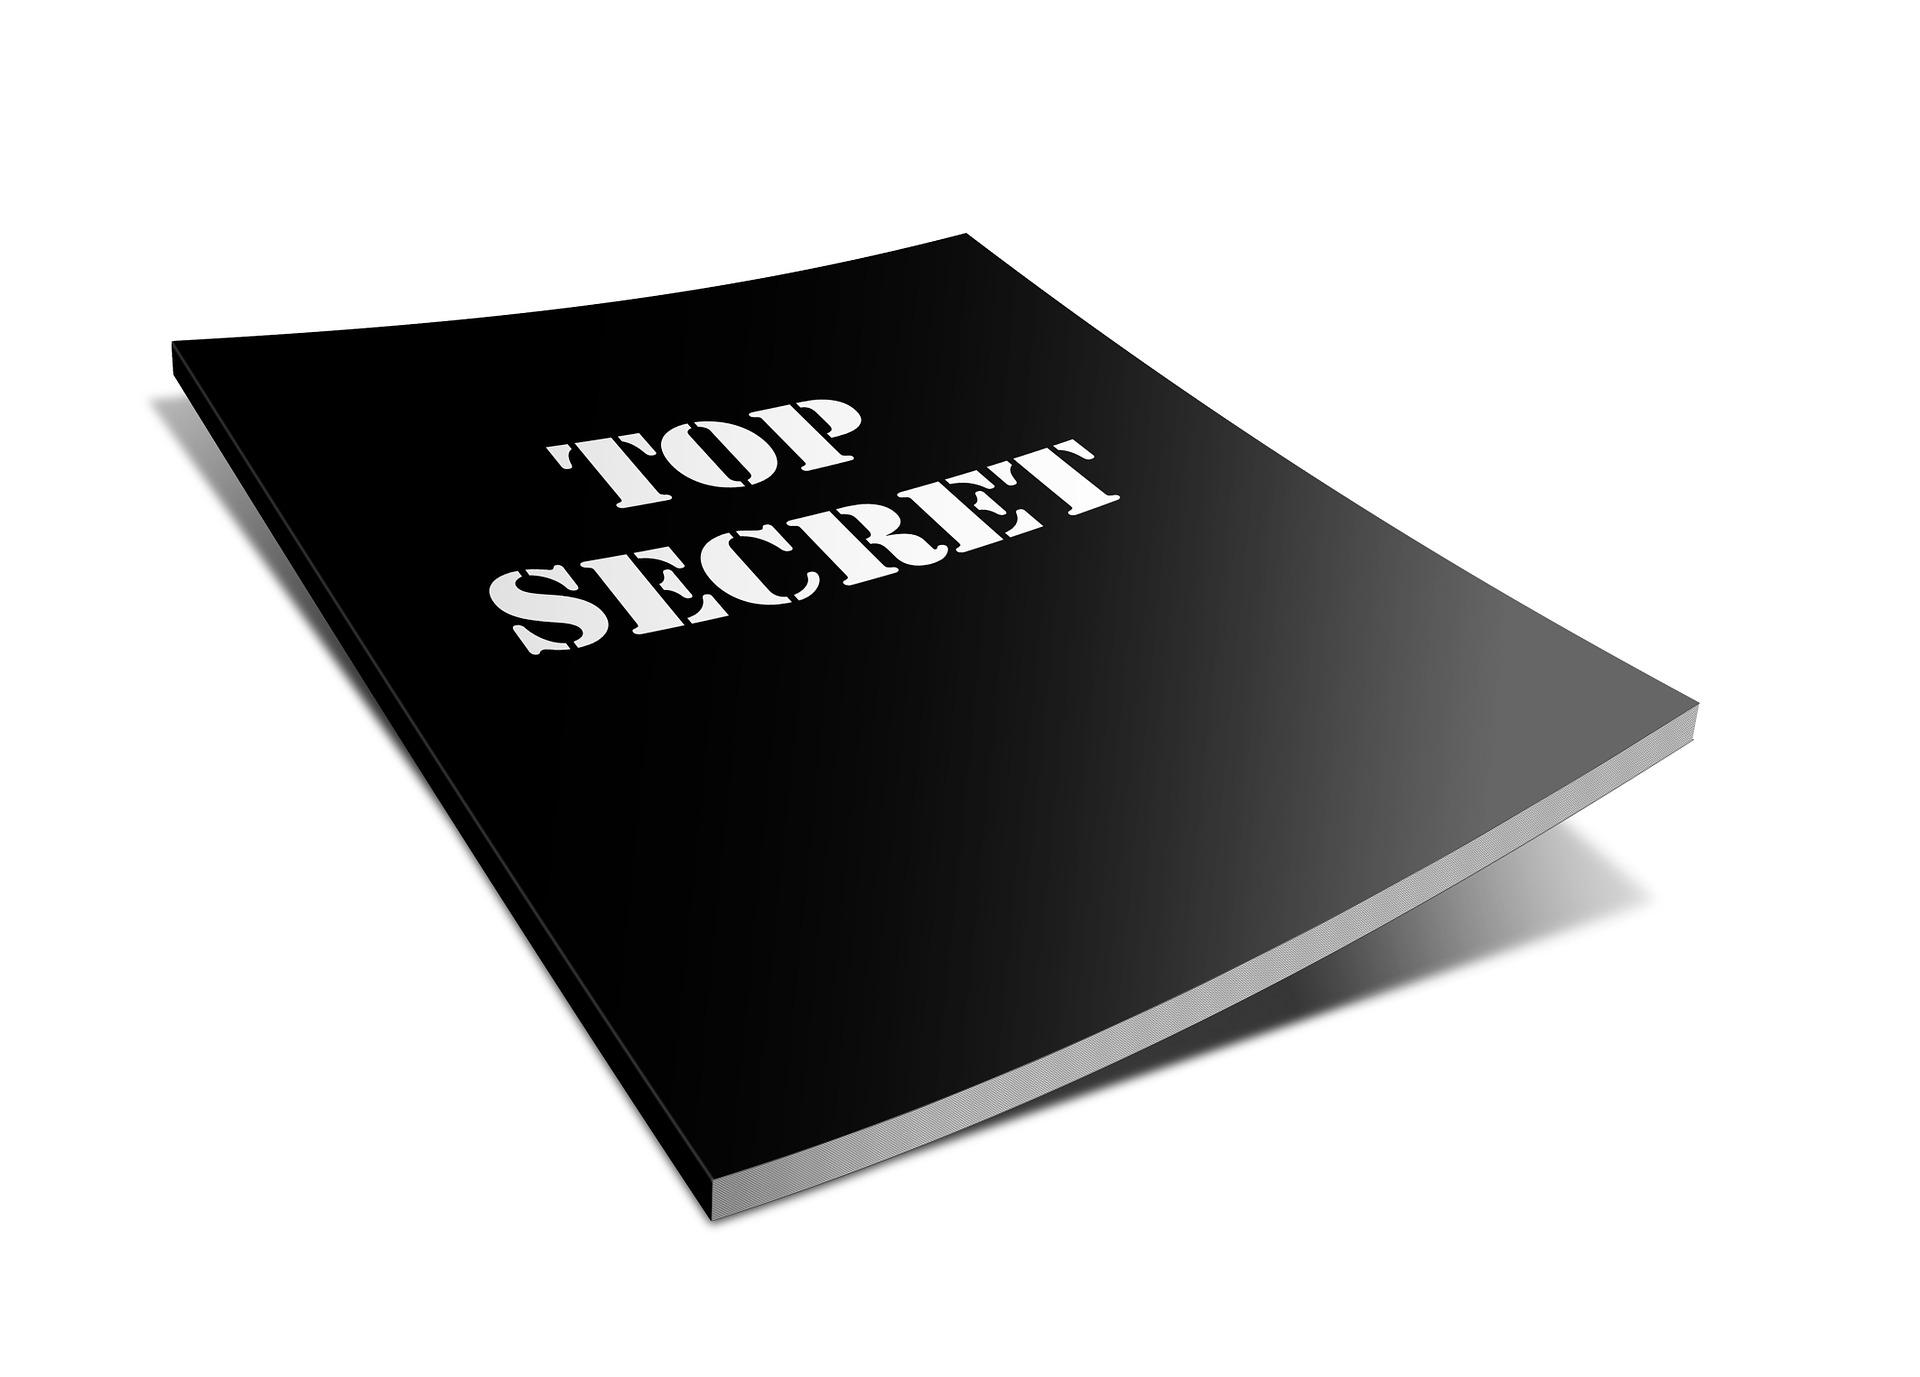 Торговые секреты: скрытое право интеллектуальной собственности